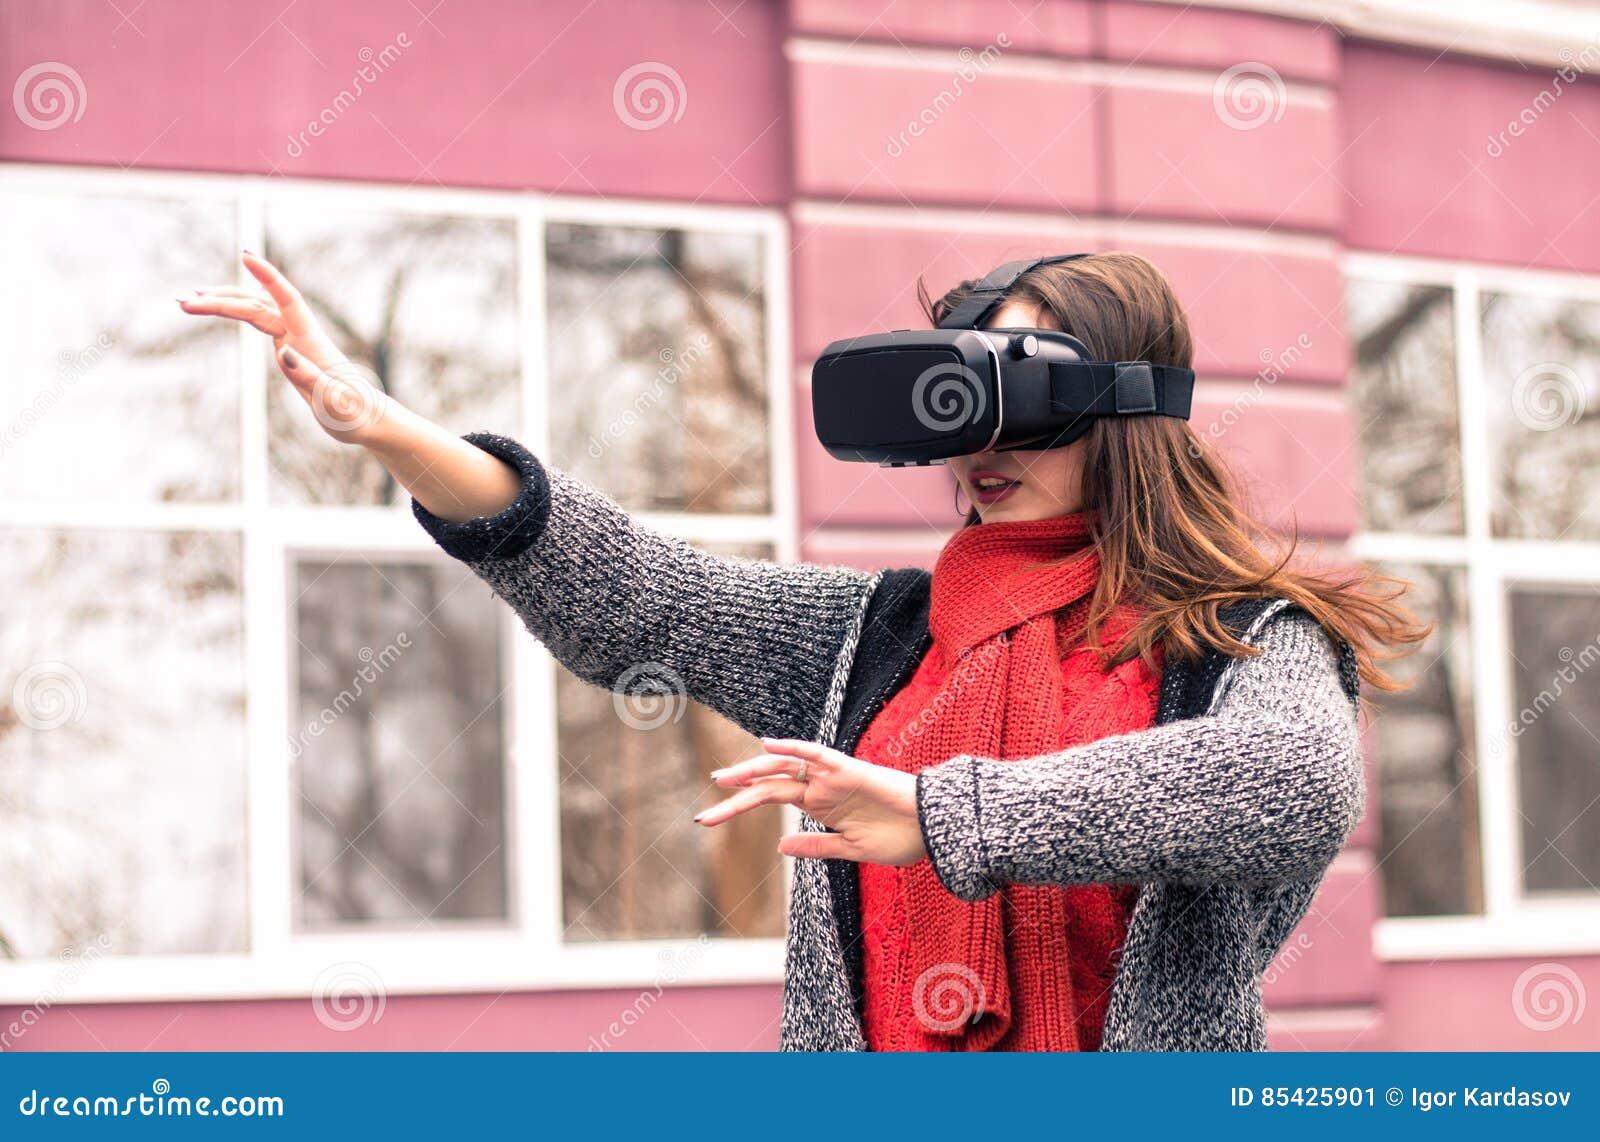 Όμορφο παιχνίδι νέων κοριτσιών με την κάσκα εικονικής πραγματικότητας ή τρισδιάστατος